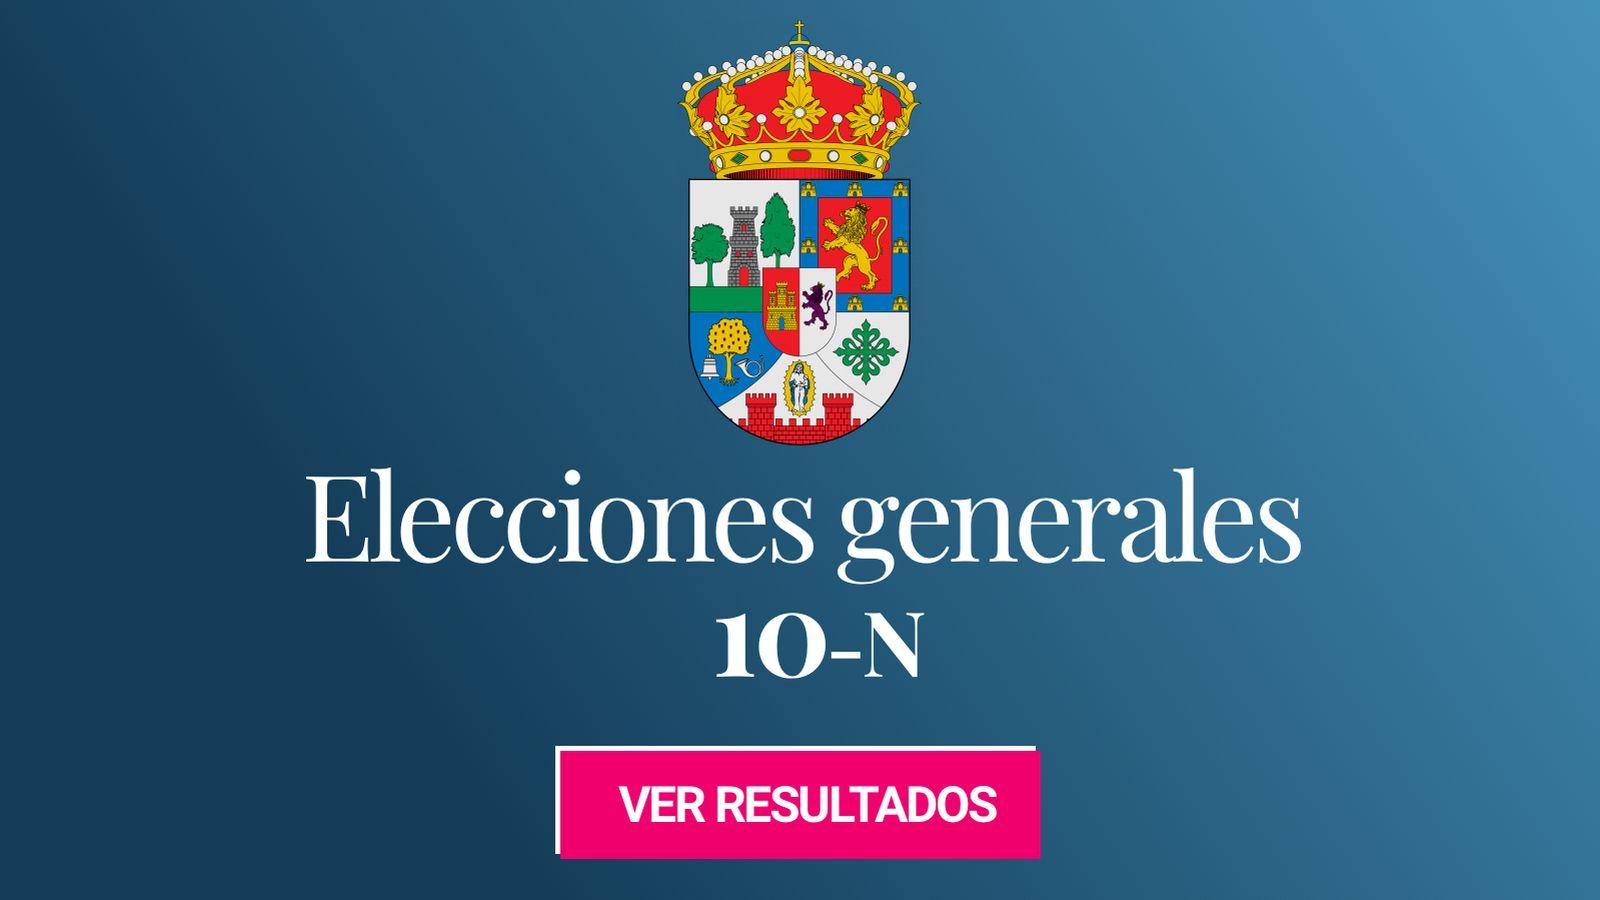 Foto: Elecciones generales 2019 en la provincia de Cáceres. (C.C./Asqueladd)